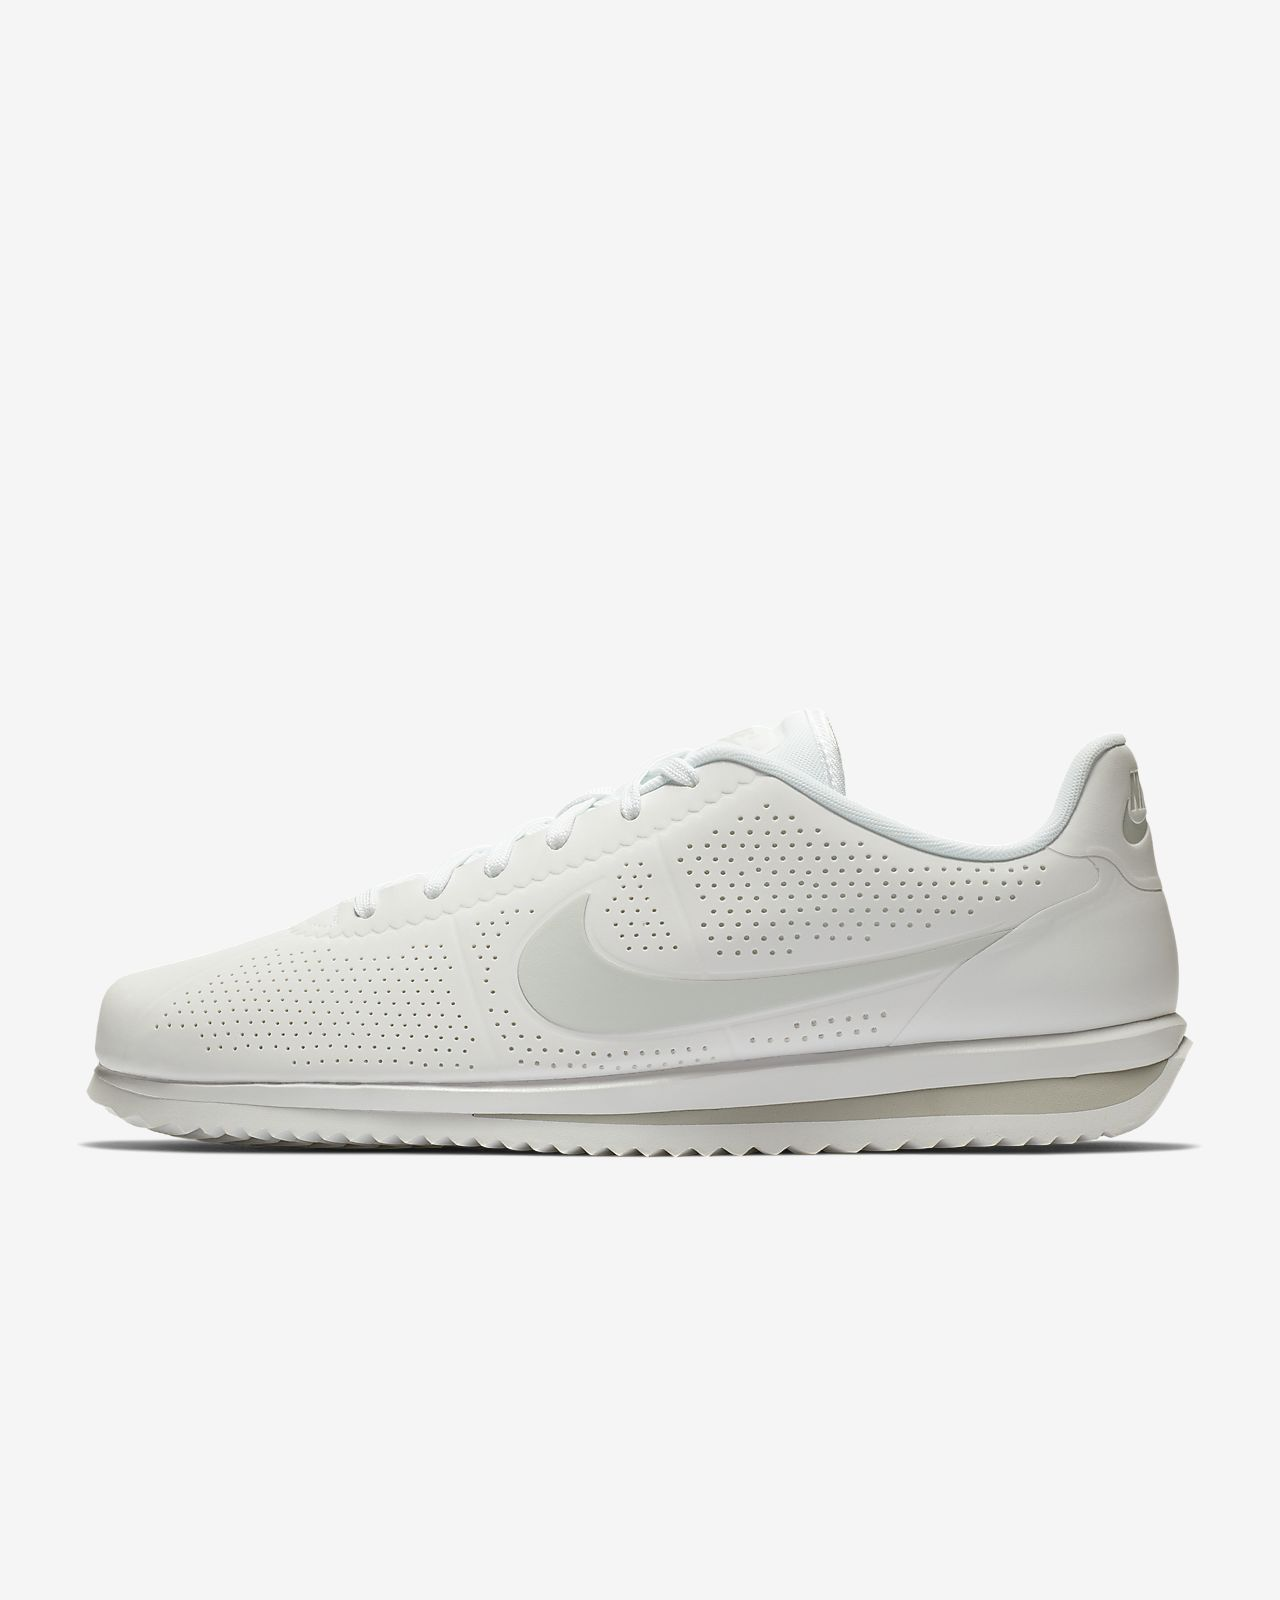 Mens Nike Air Max 1 Ultra Moire Ch Beige White Top Deals